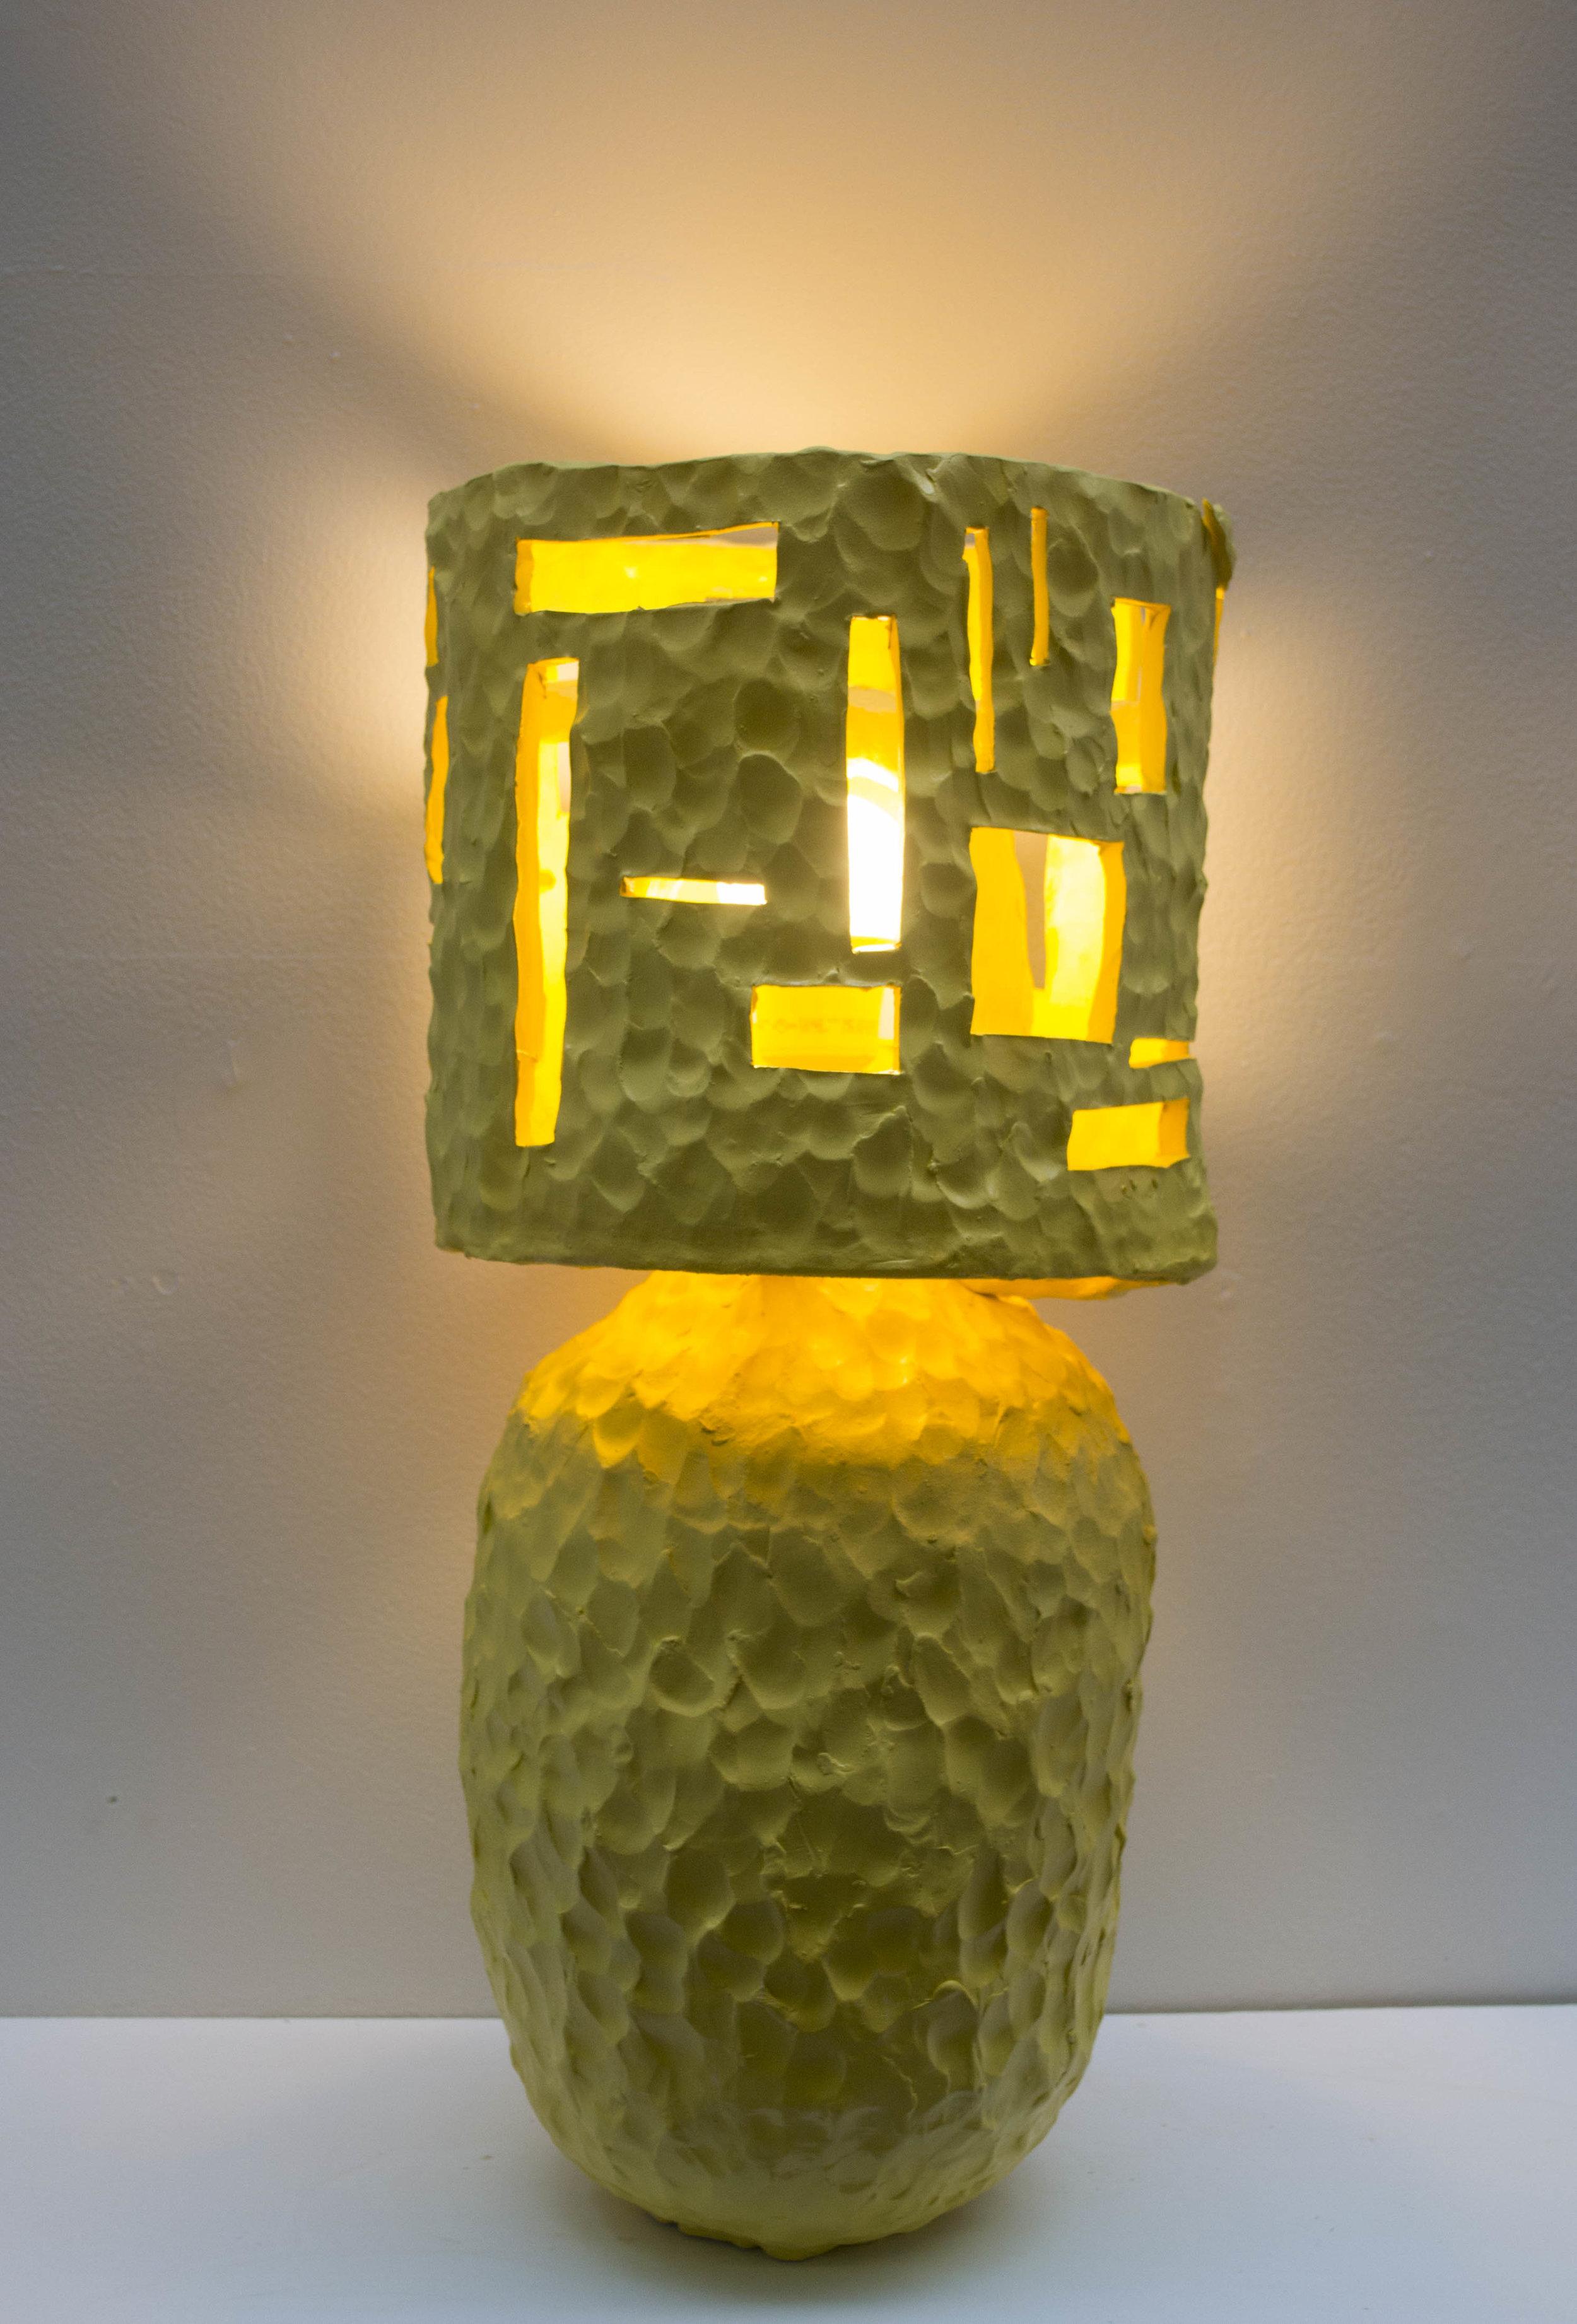 yellowlamp.JPG